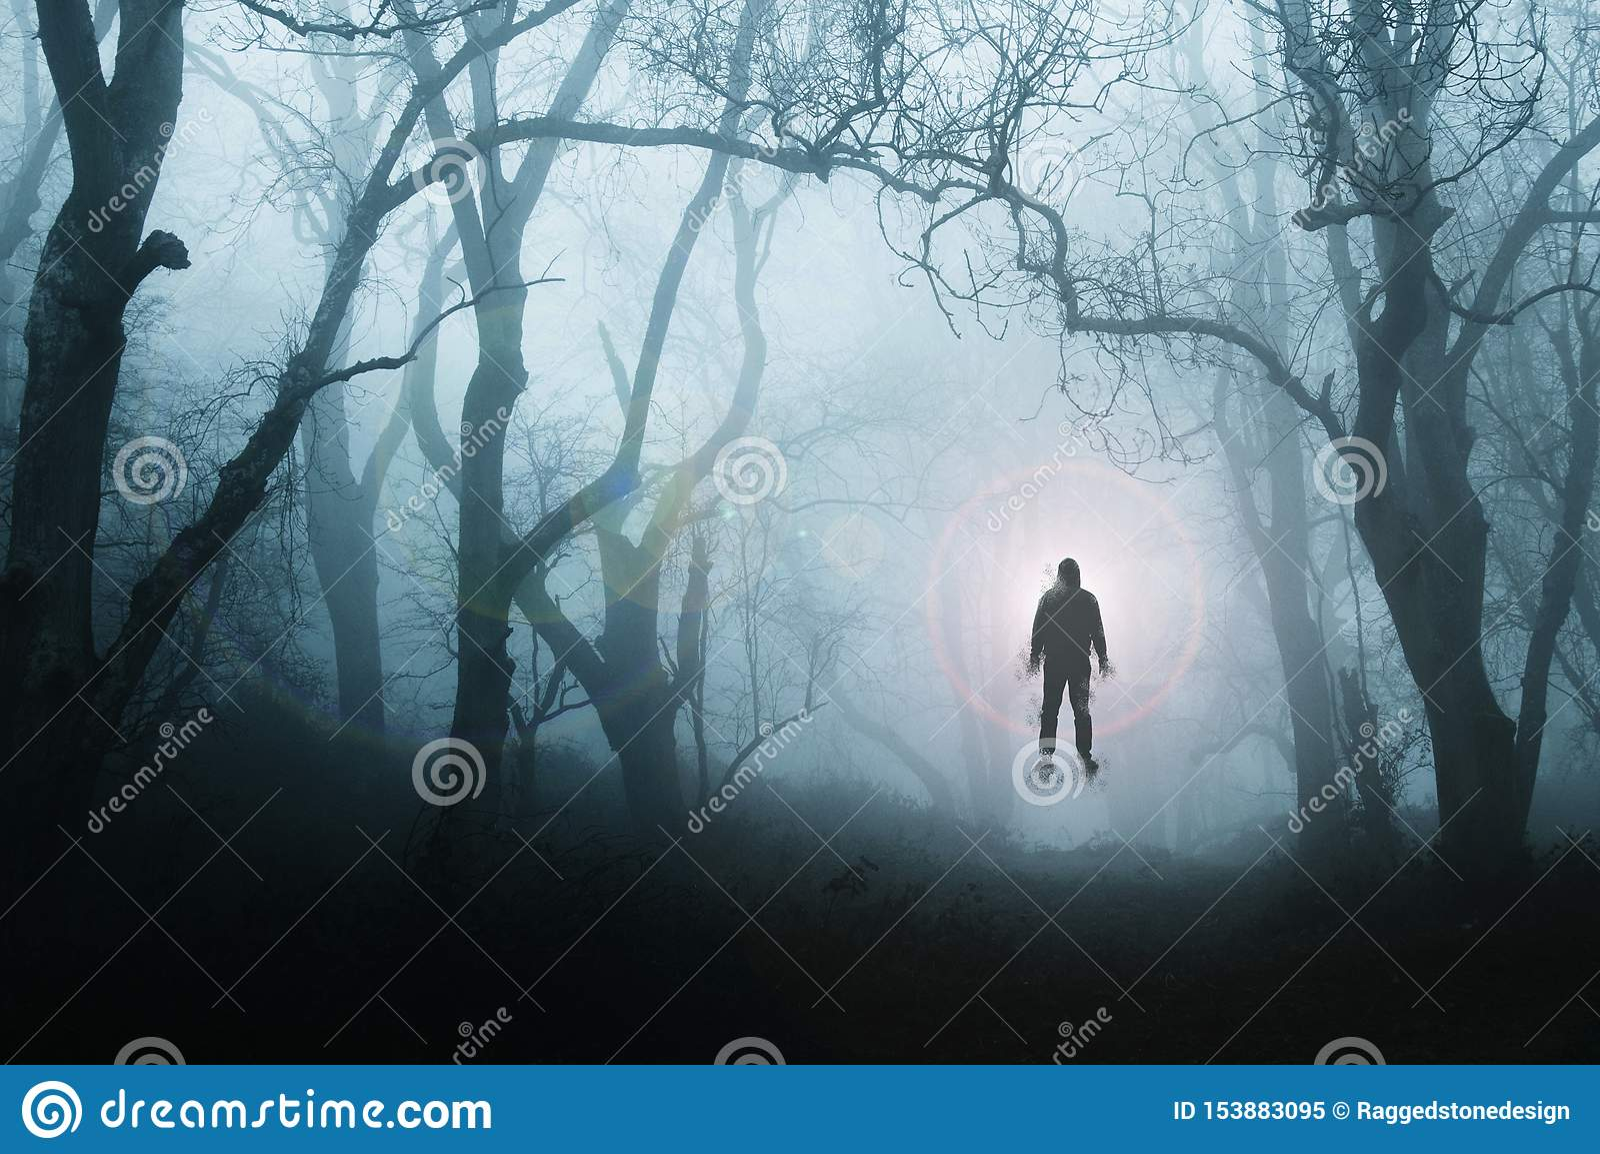 Una foresta spettrale e sinistra nell inverno, con un uomo che galleggia contro una luce intensa, con gli alberi profilati da neb